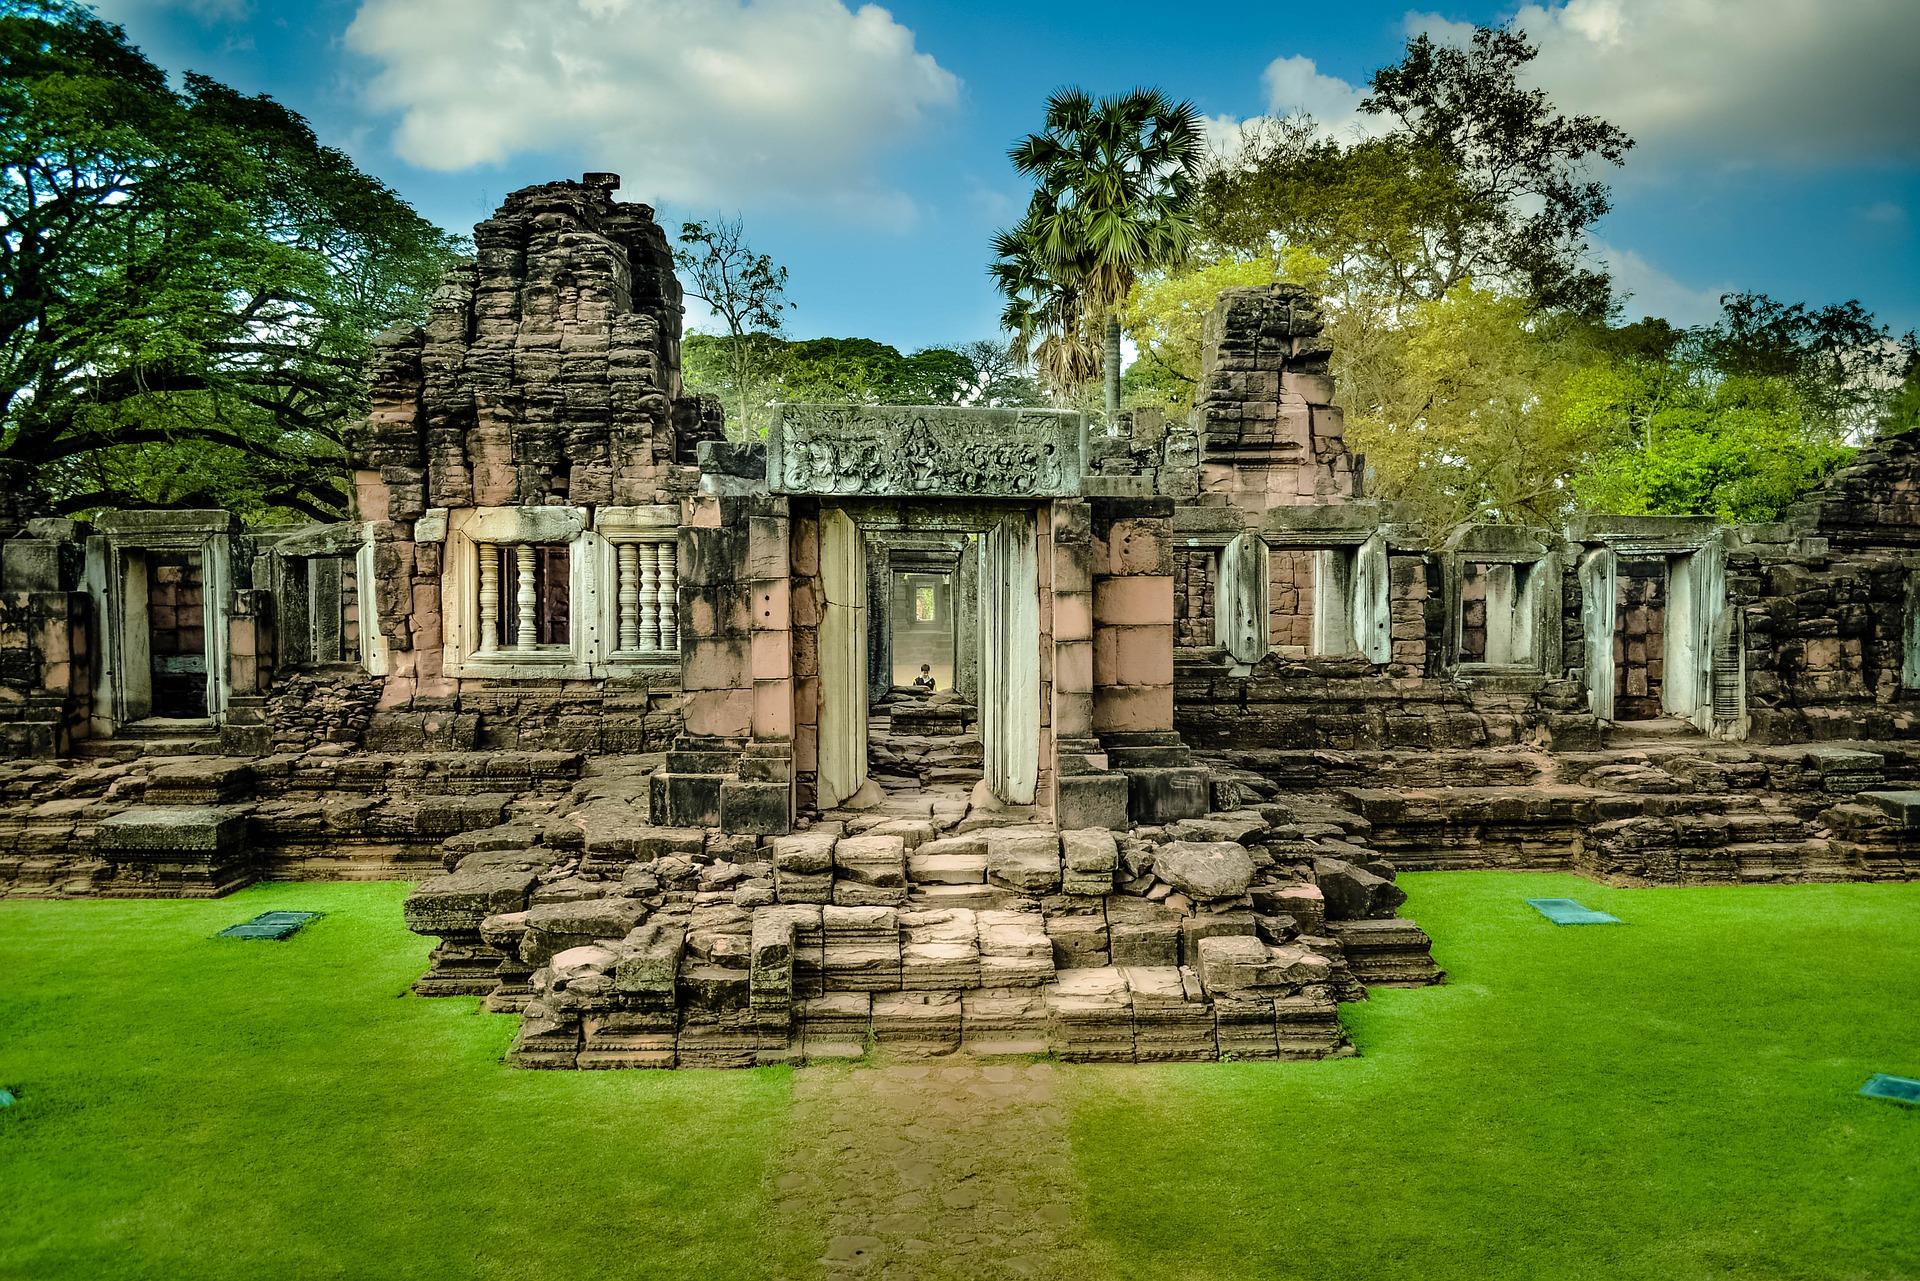 viaggio-avventura-tempio-india